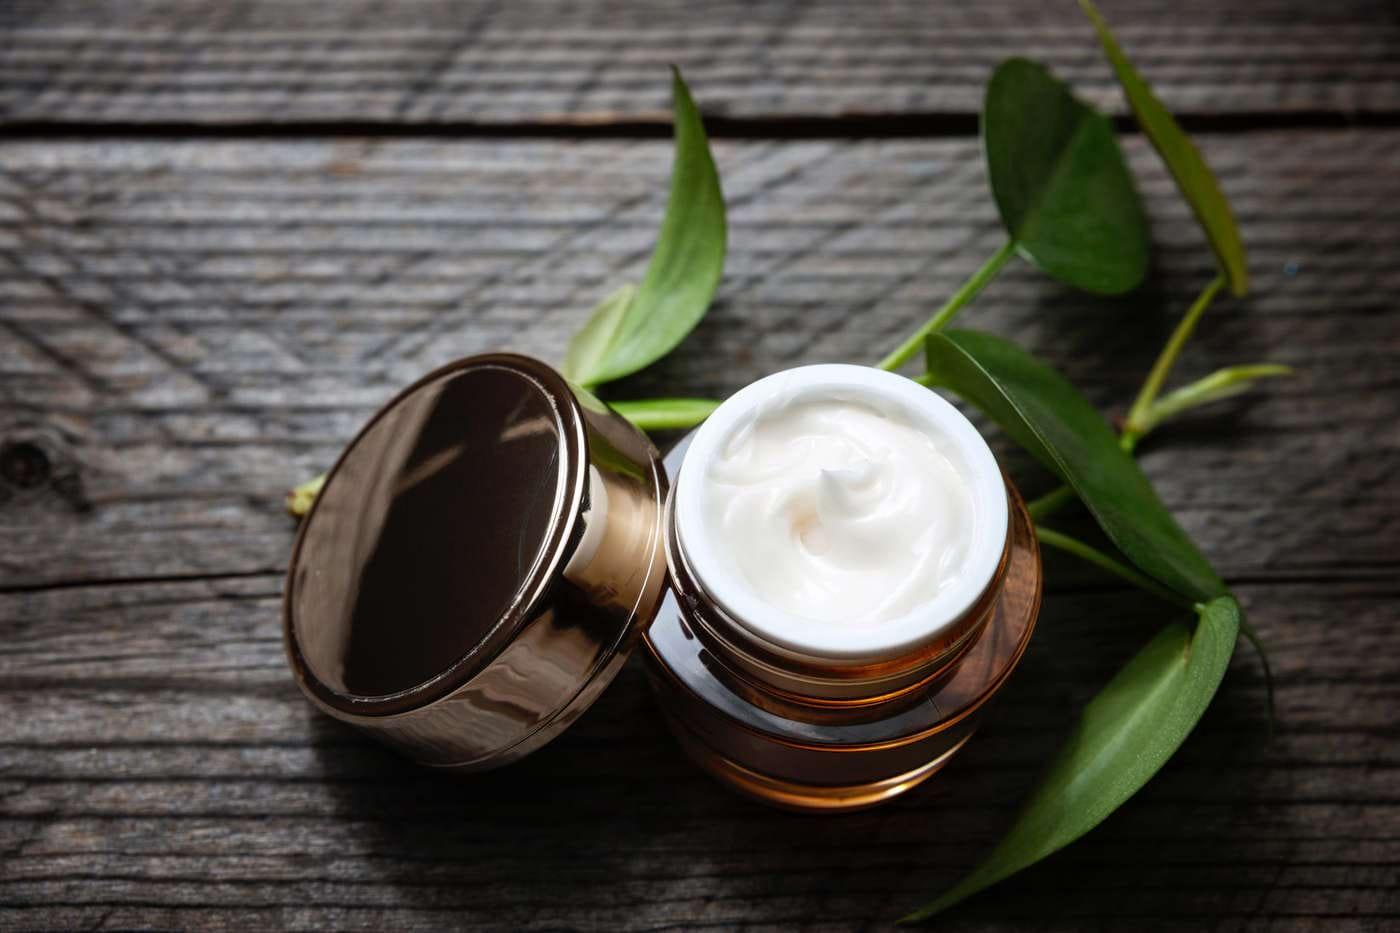 Totul despre cosmeticele organice și bio: ingrediente și beneficii ale produselor naturale